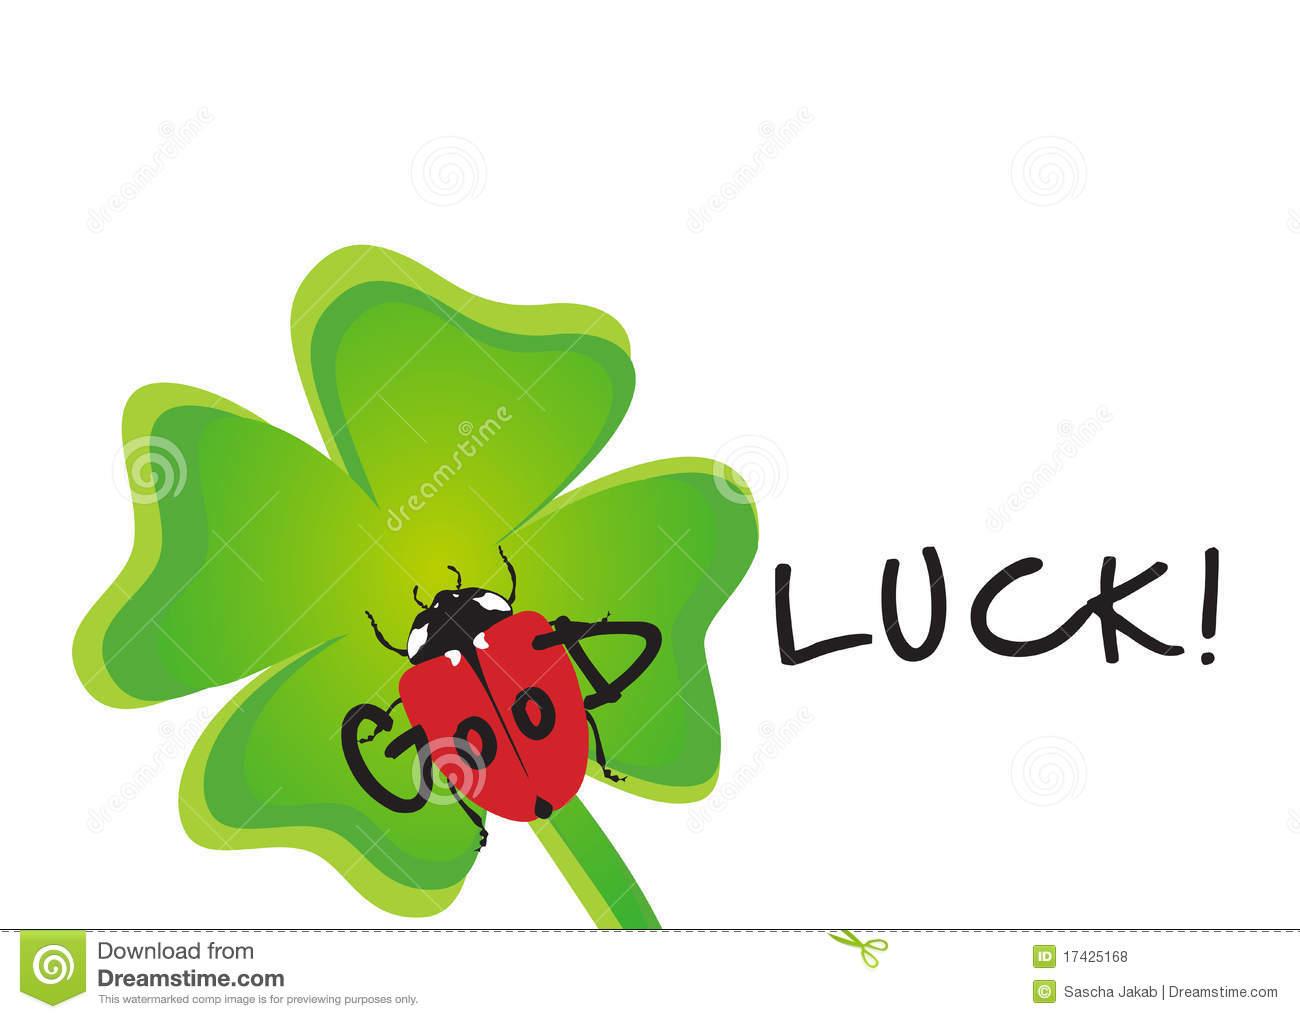 Lucky ladybug clipart - Clipground | 1300 x 1019 jpeg 77kB